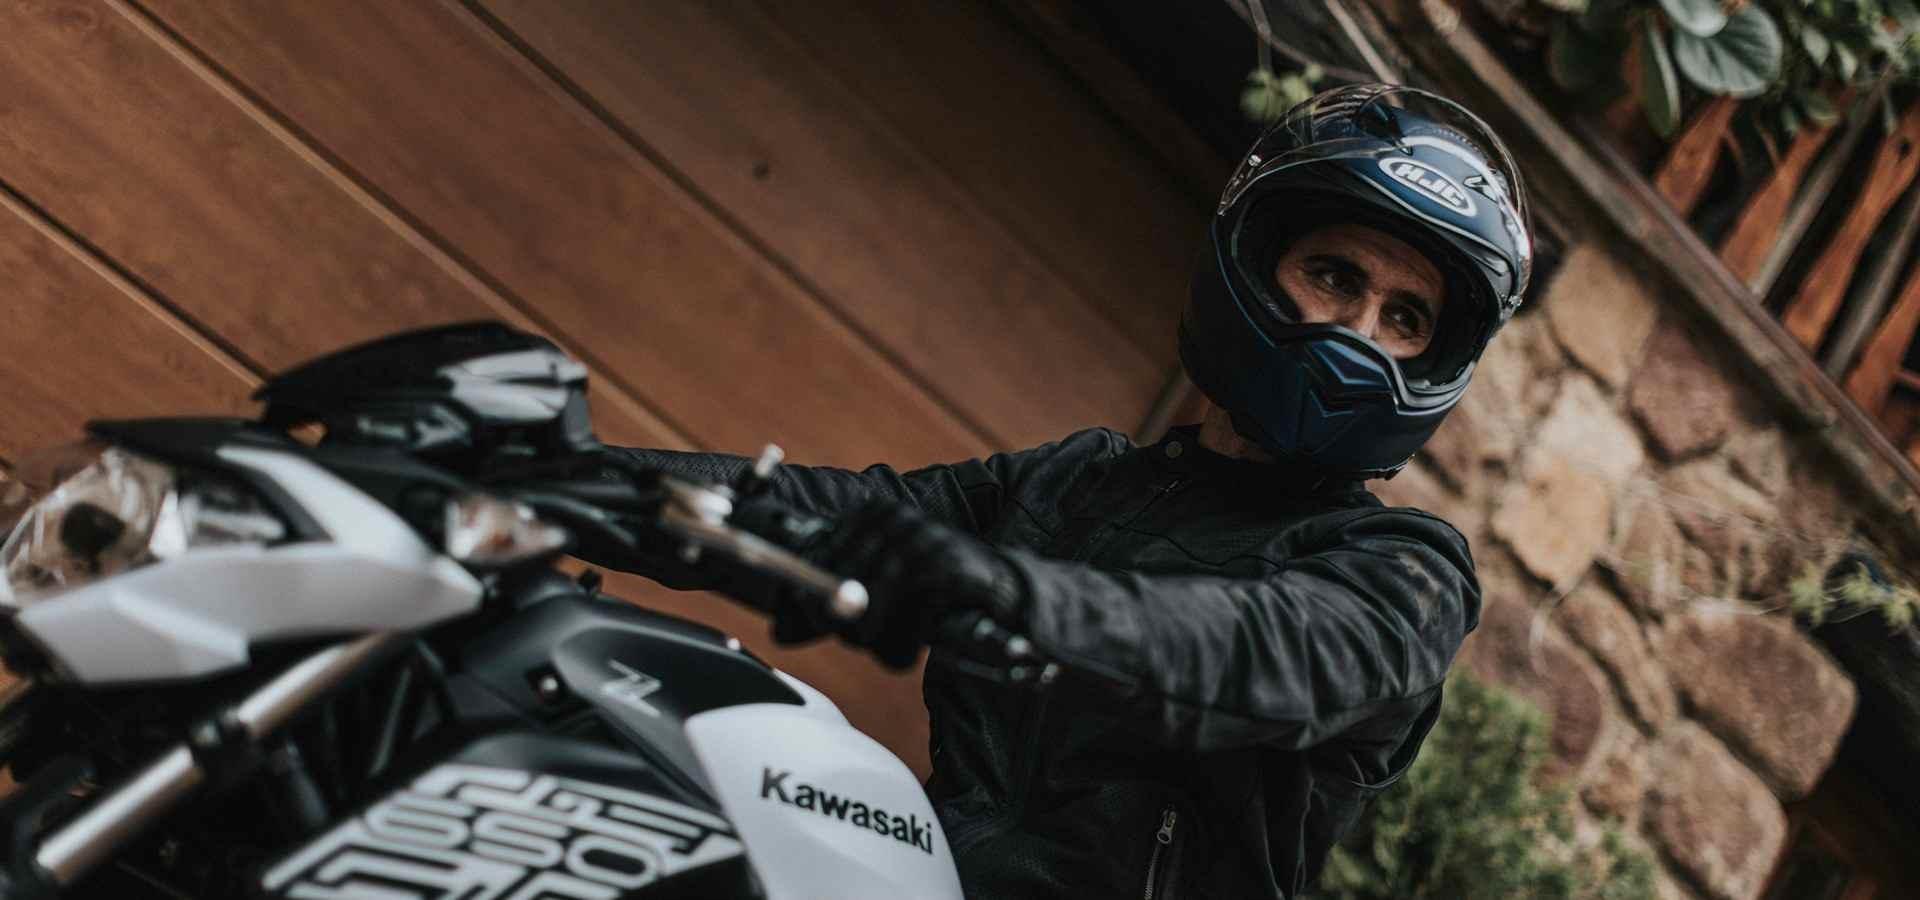 La historia de los cascos HJC y su participación en el Moto GP